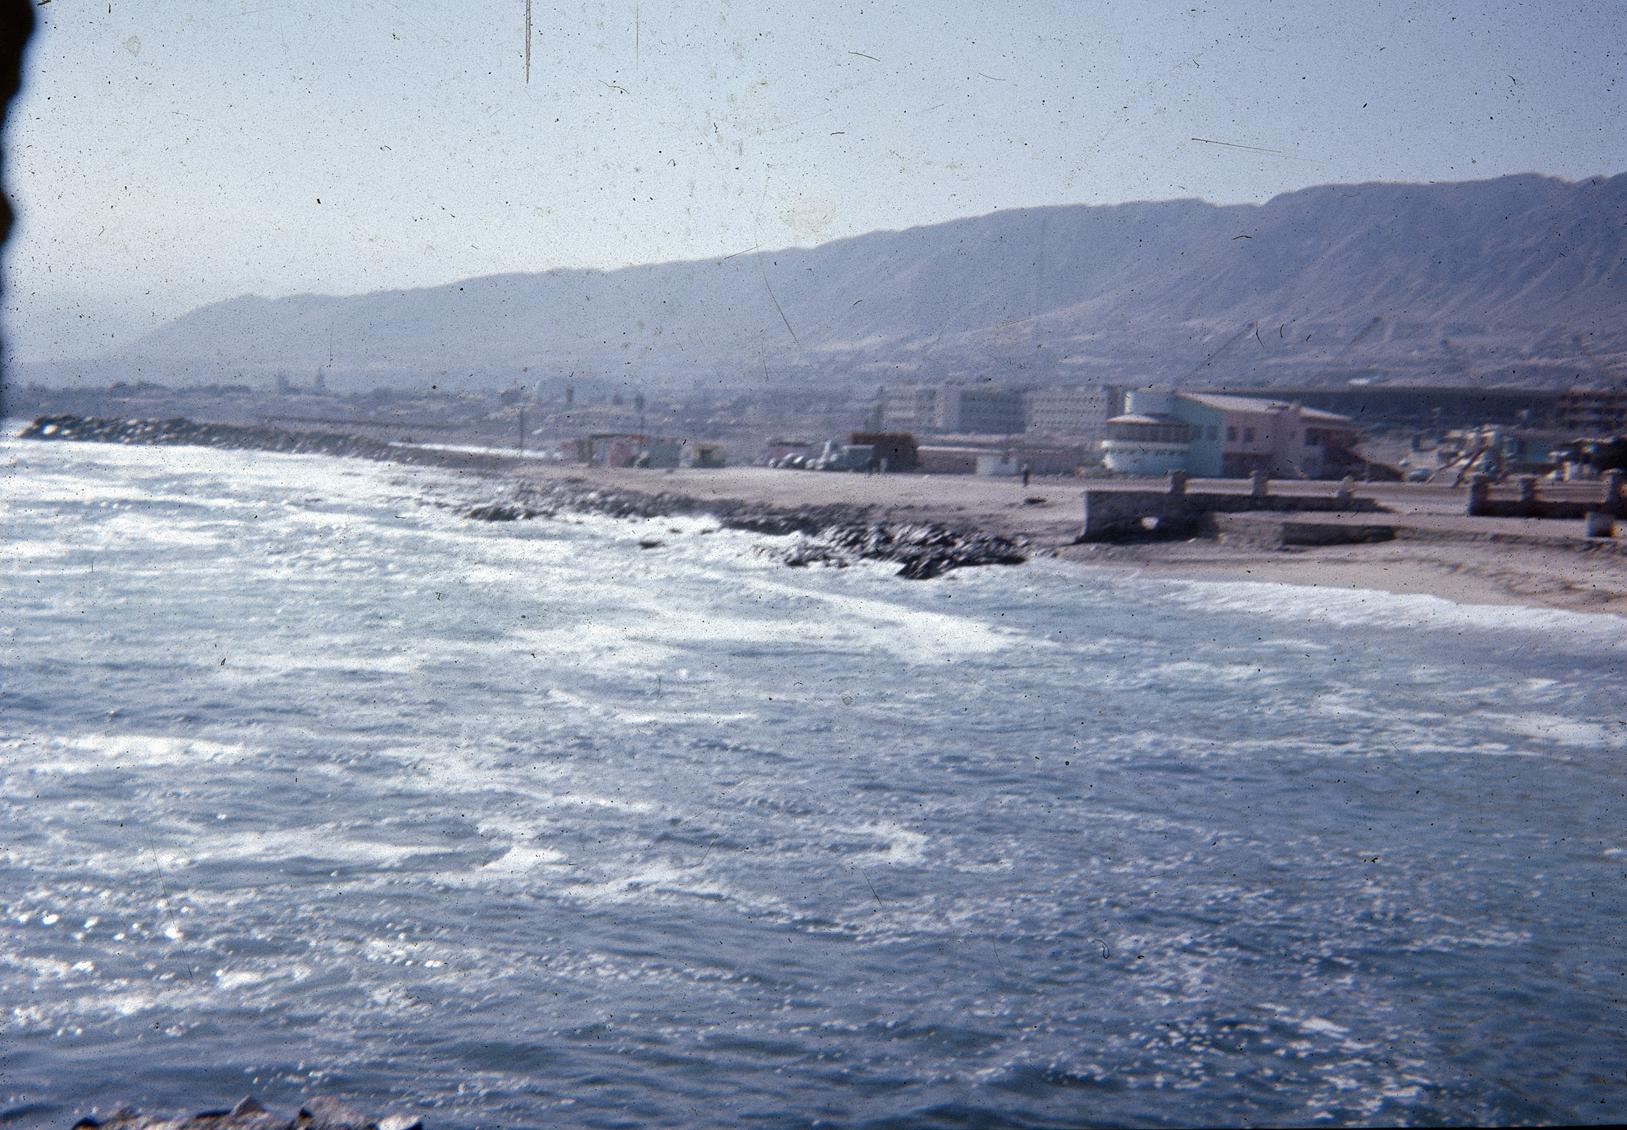 Enterreno - Fotos históricas de chile - fotos antiguas de Chile - Antofagasta años 60's